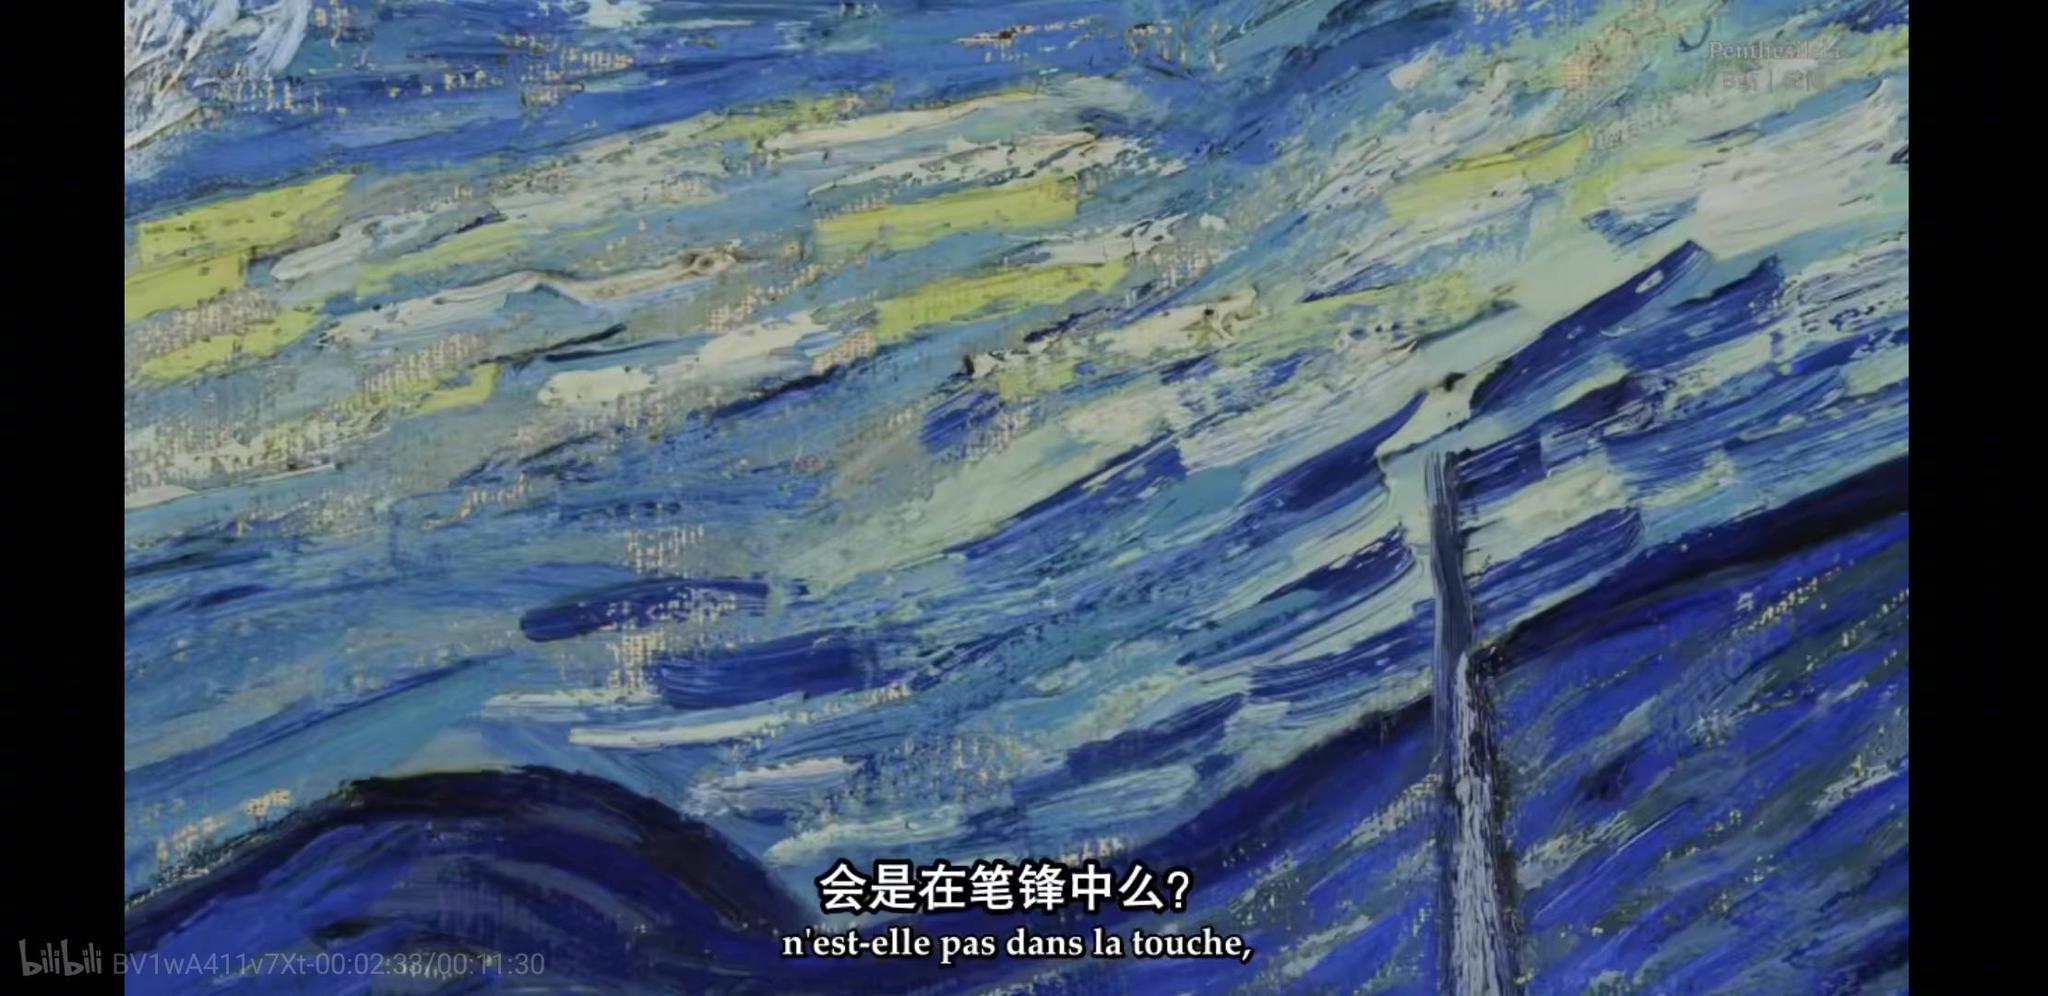 纪录片《问画系列》从画作细节来讲述大师名作梵高《星空》马奈《在